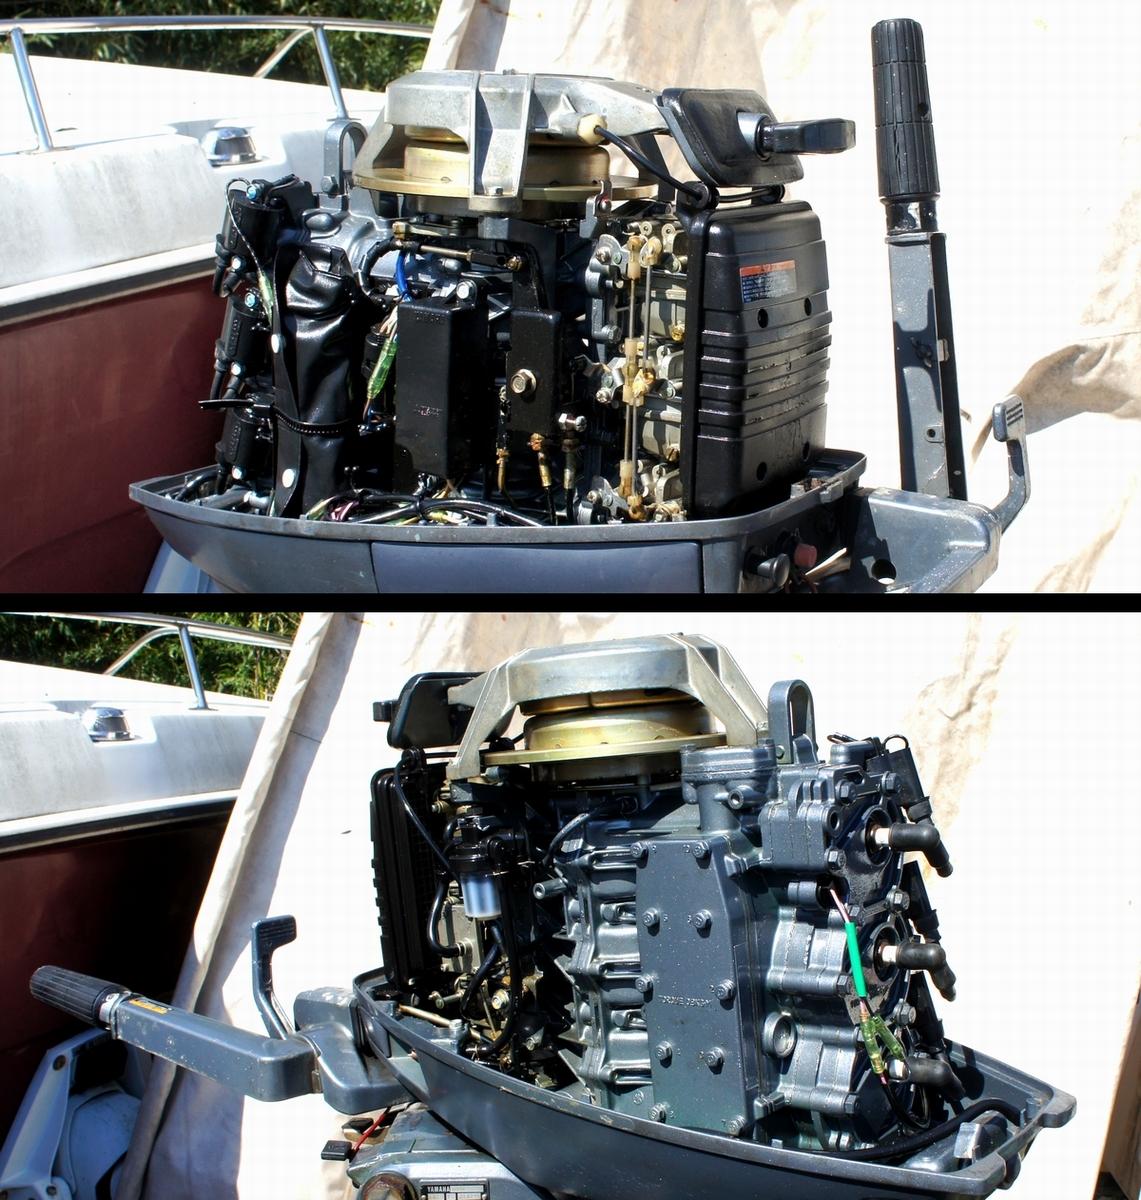 実働・美品!ヤマハ 2スト 30馬力船外機 型式【6J8-L】バーハンドル L足 船舶/エンジン _画像8